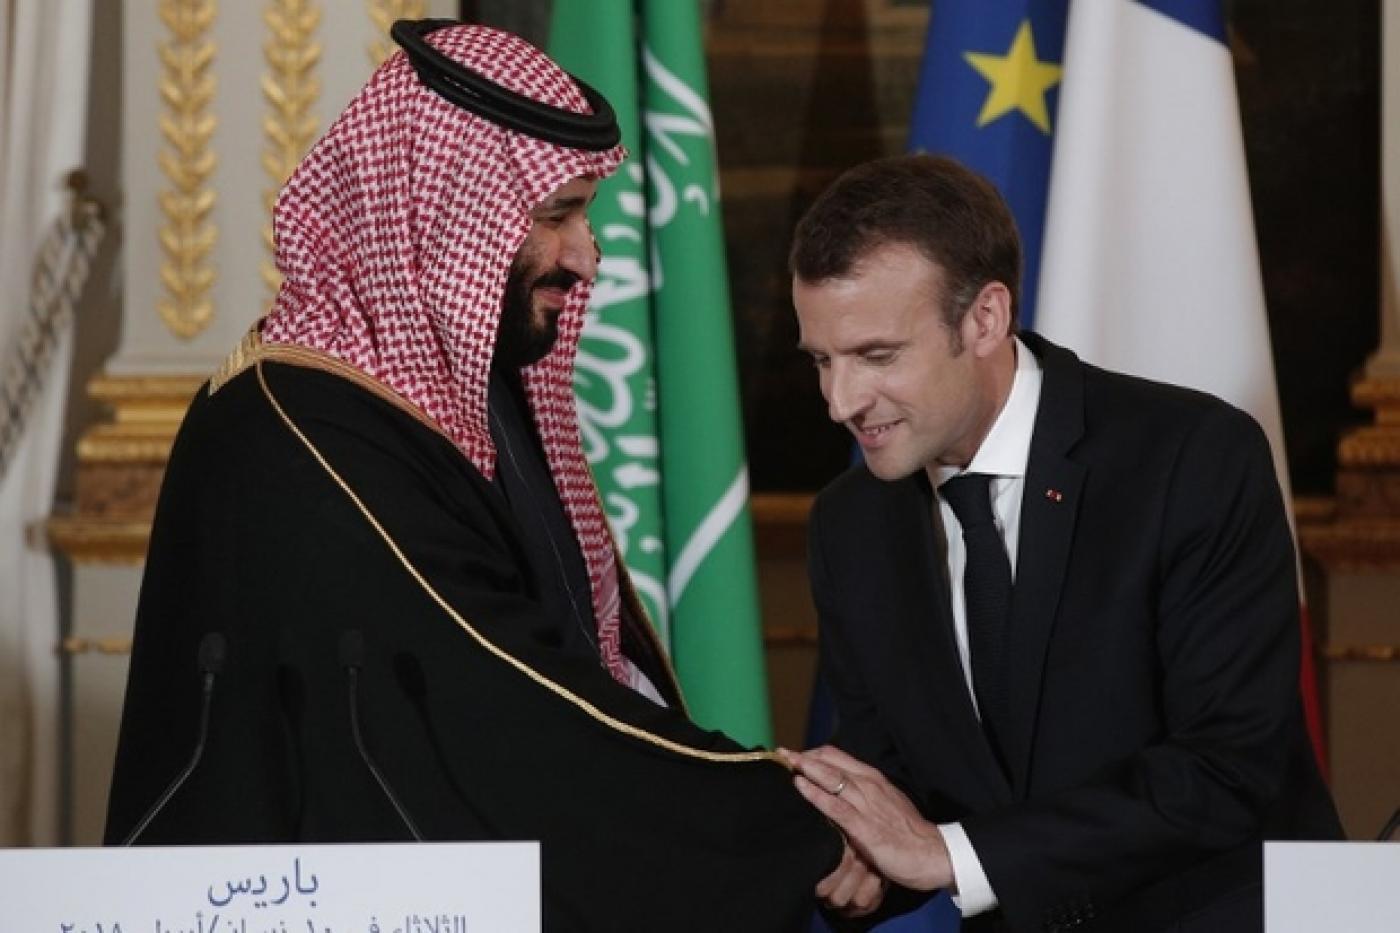 Franse heksenjacht tegen heksenjacht